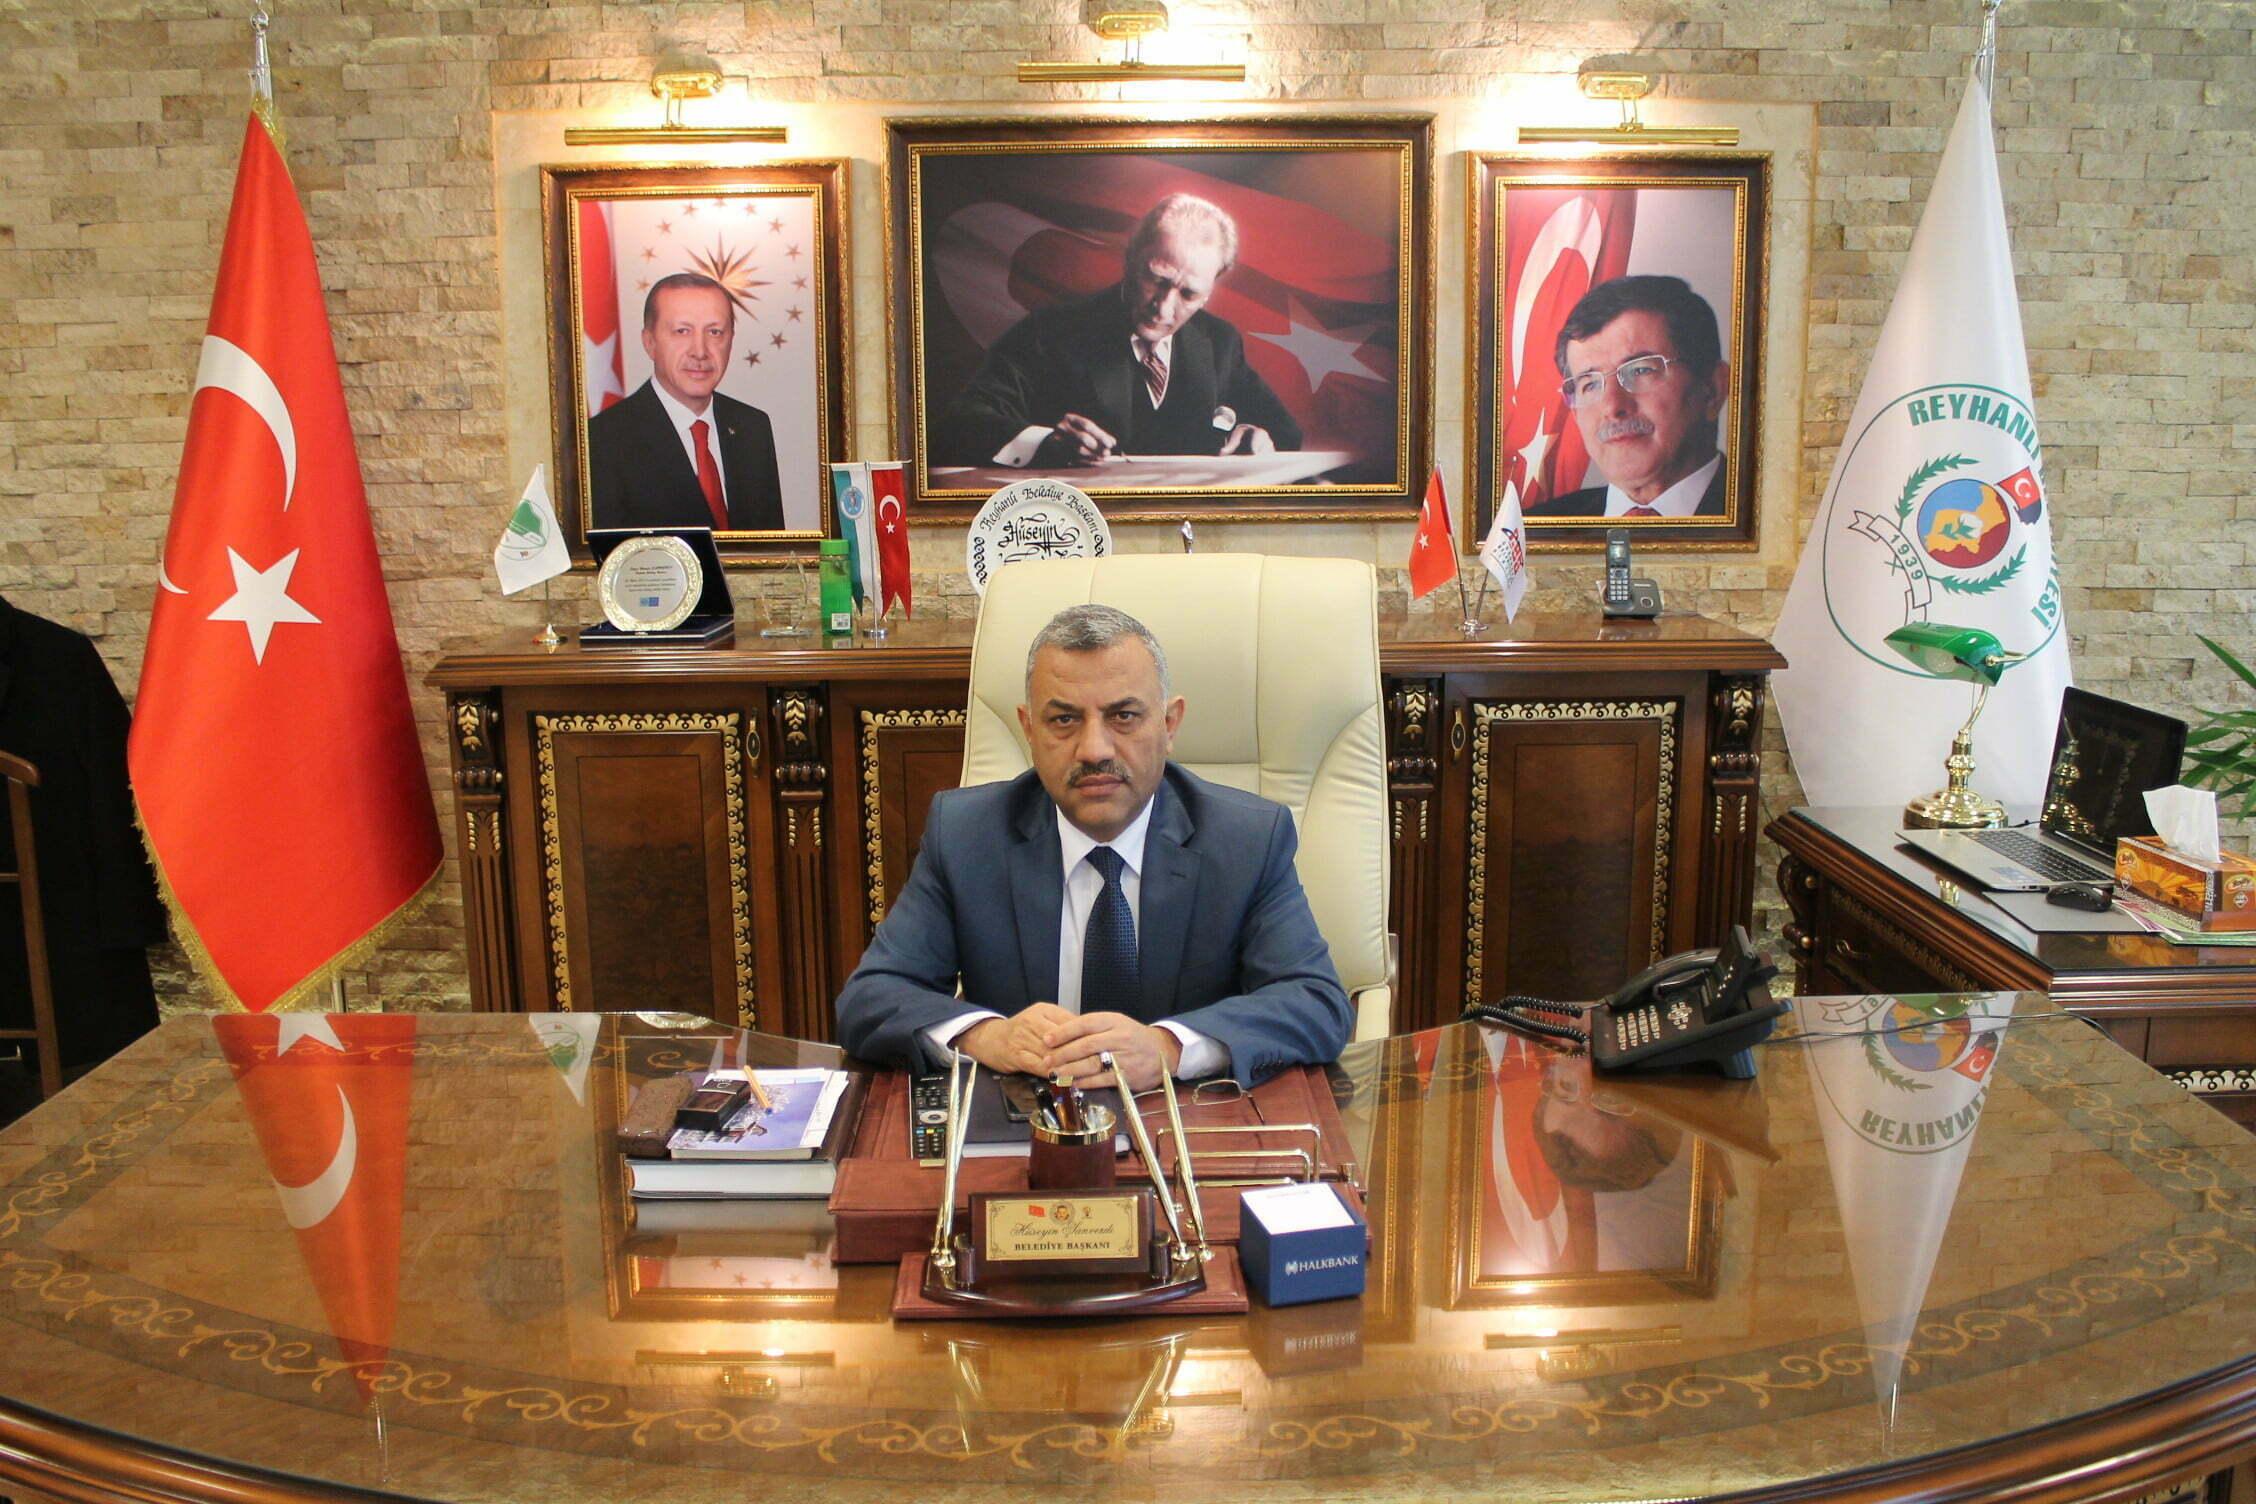 Belediye Başkanı Hüseyin Şanverdi'nin Dünya Kadınlar Günü mesajı